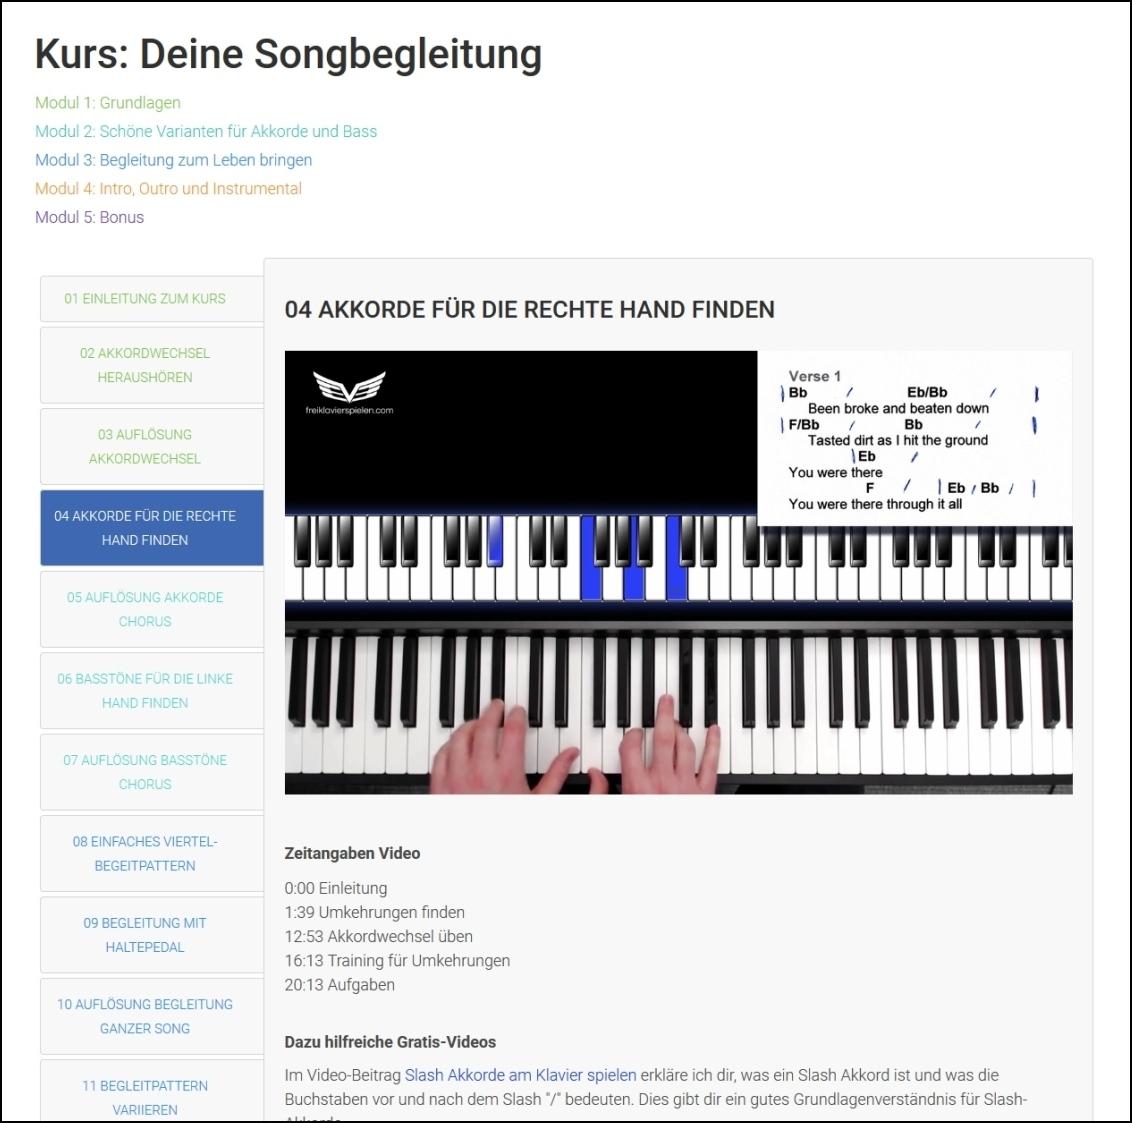 Online Klavier lernen Erfahrungen: Deine Songbegleitung bei Freiklavierspielen.com im Test